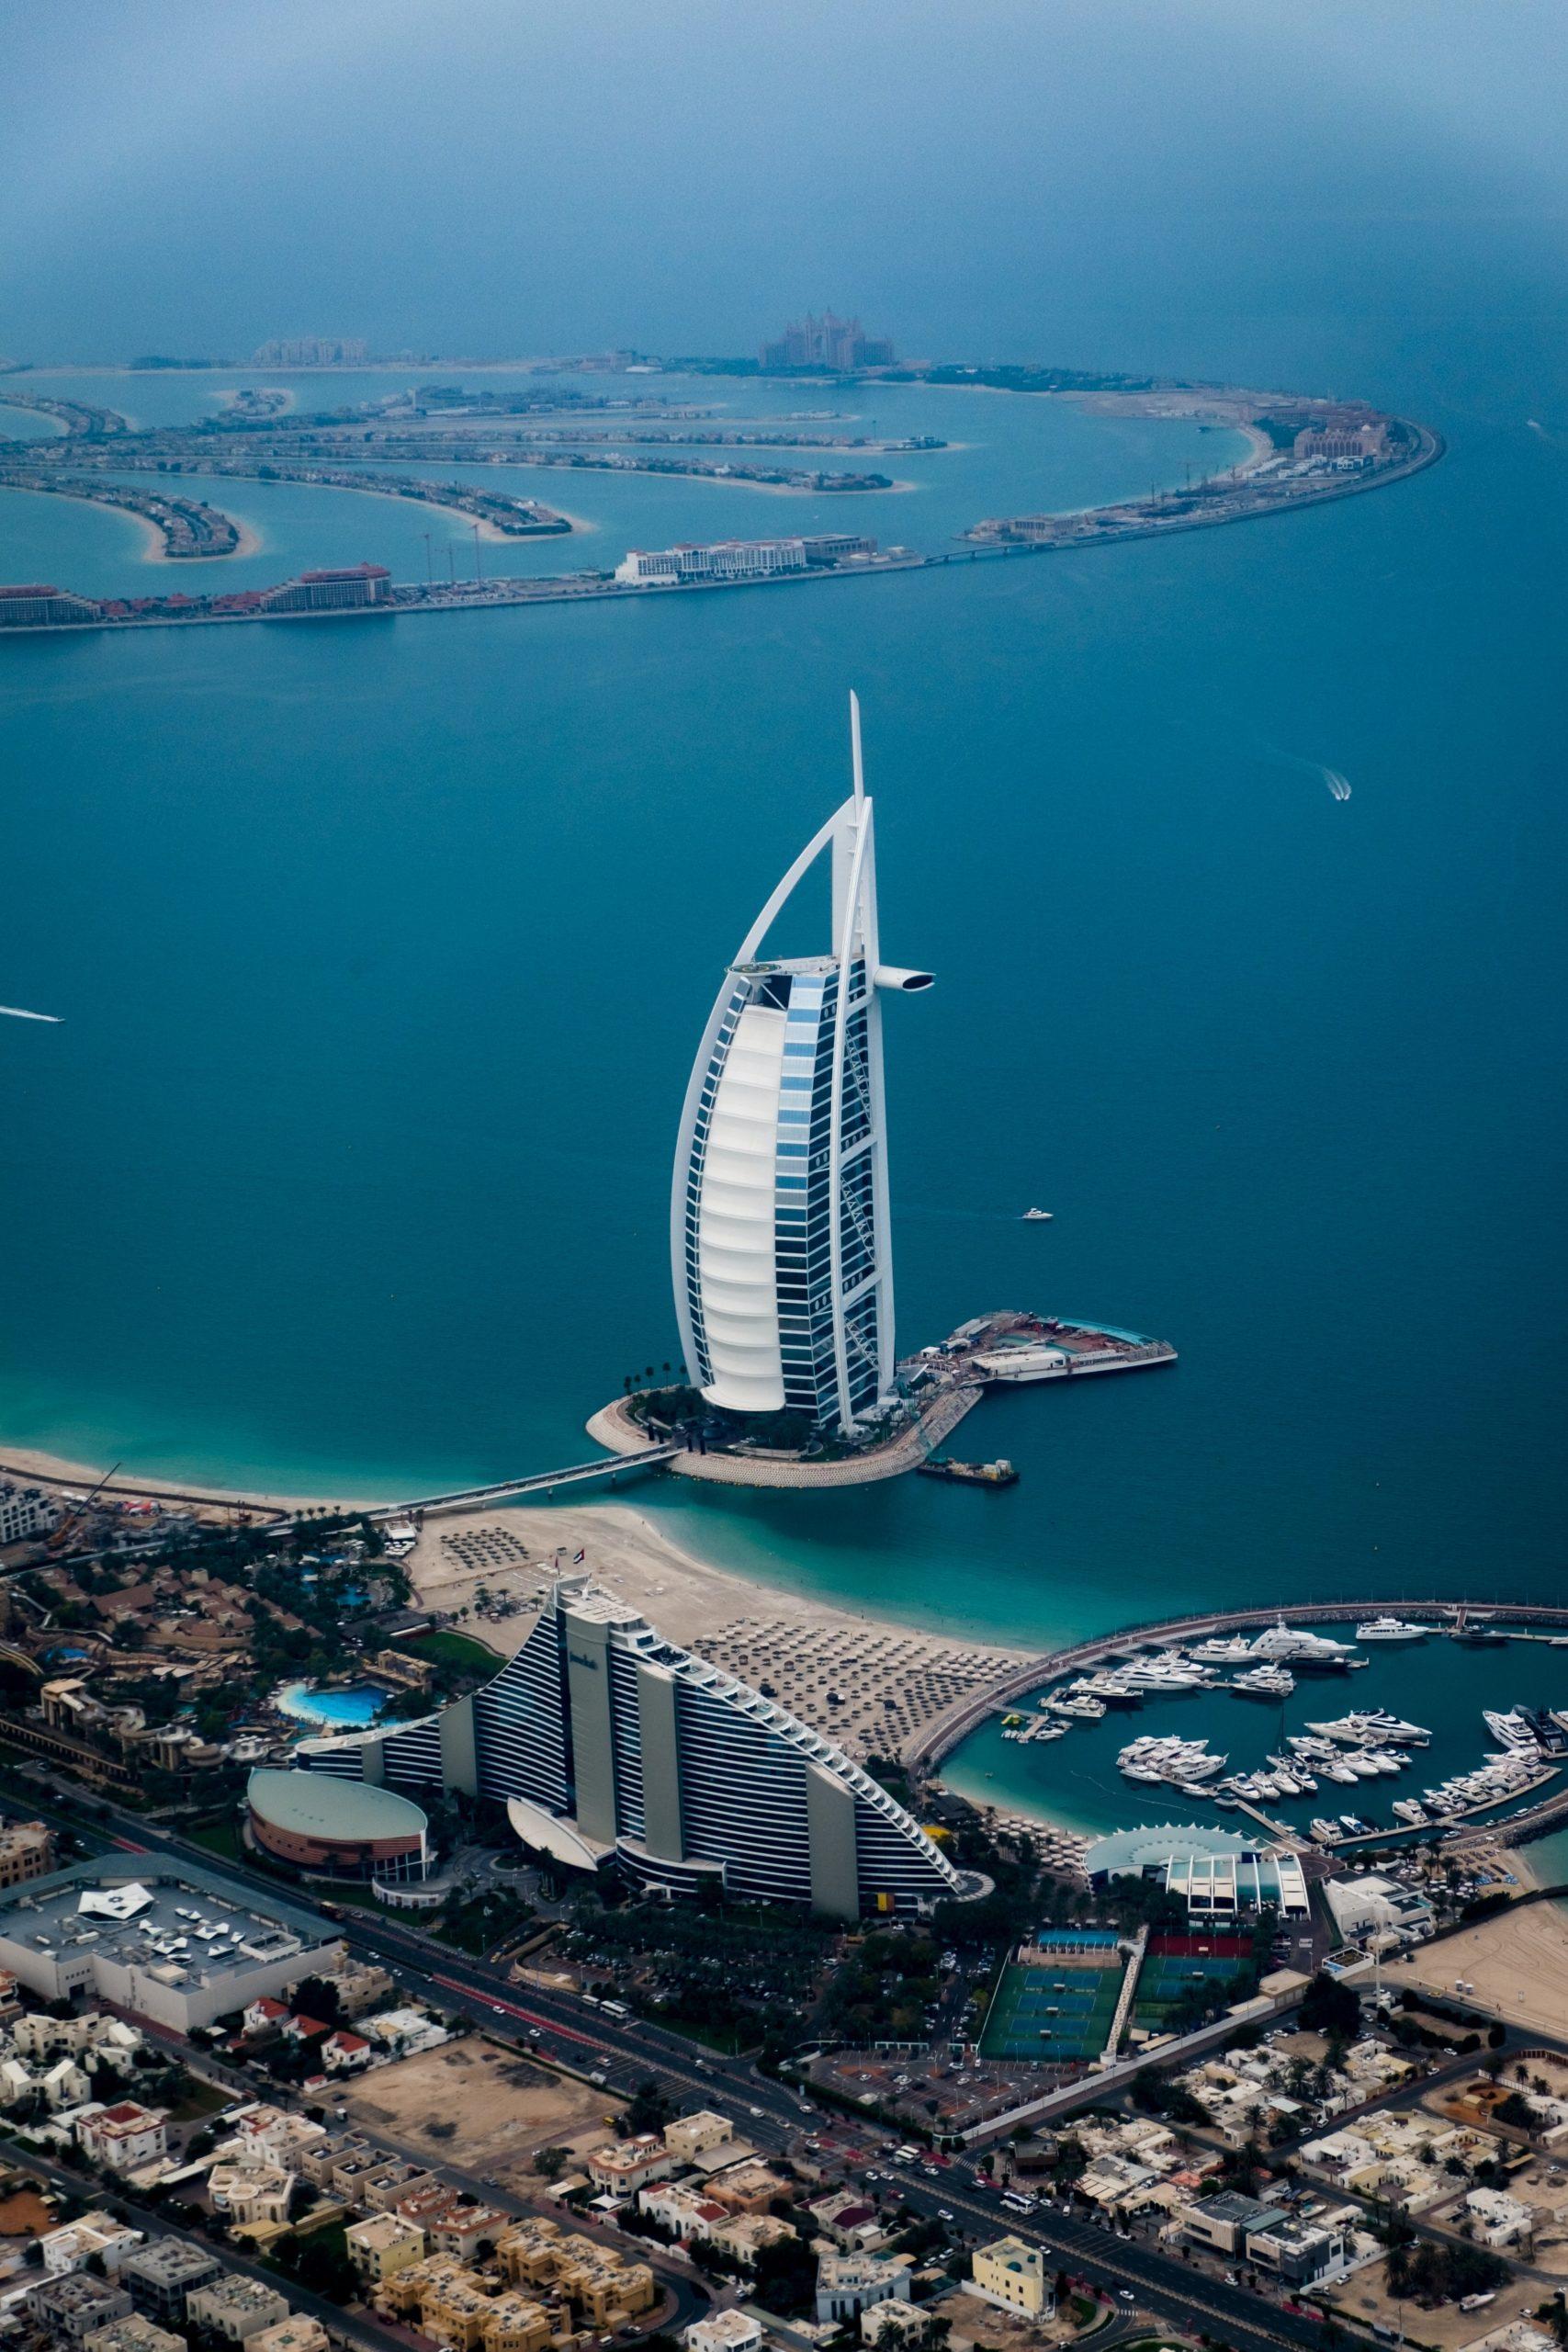 المعالم السياحية المميزة التي يجب زيارتها في الإمارات